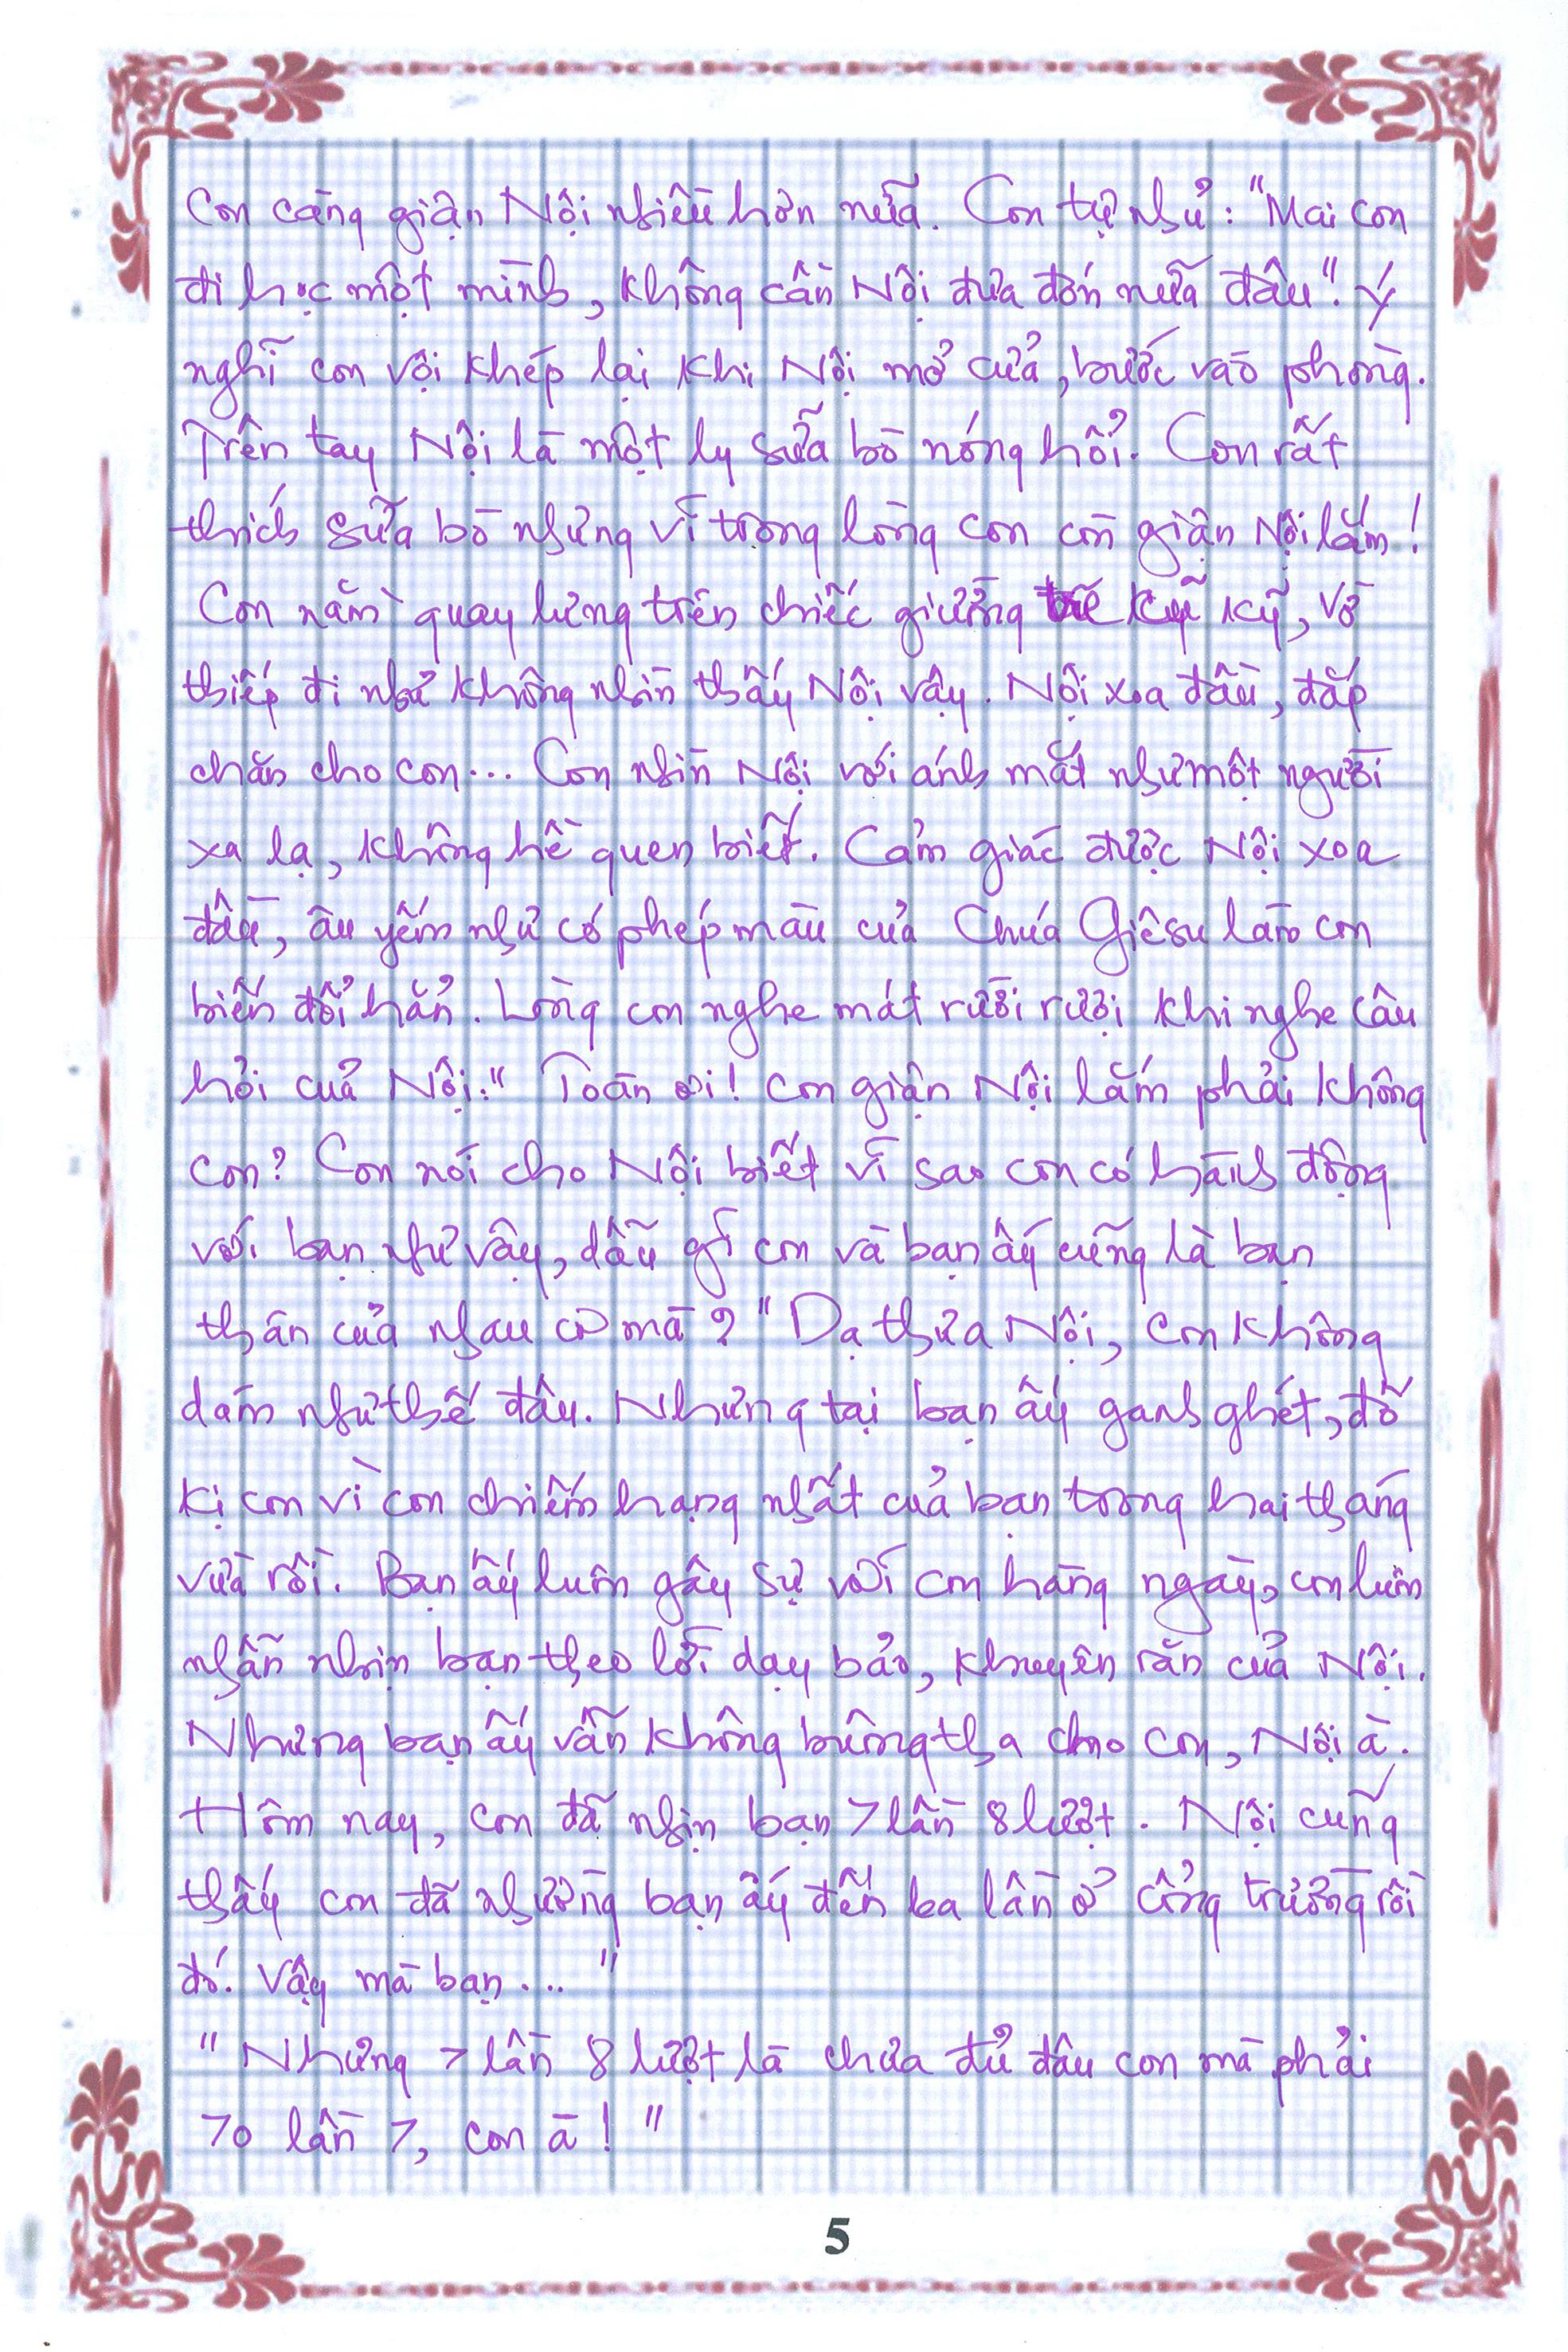 5 1 - [20/11 và những lá thư tay]: Bức thư mùa thu gửi Nội...